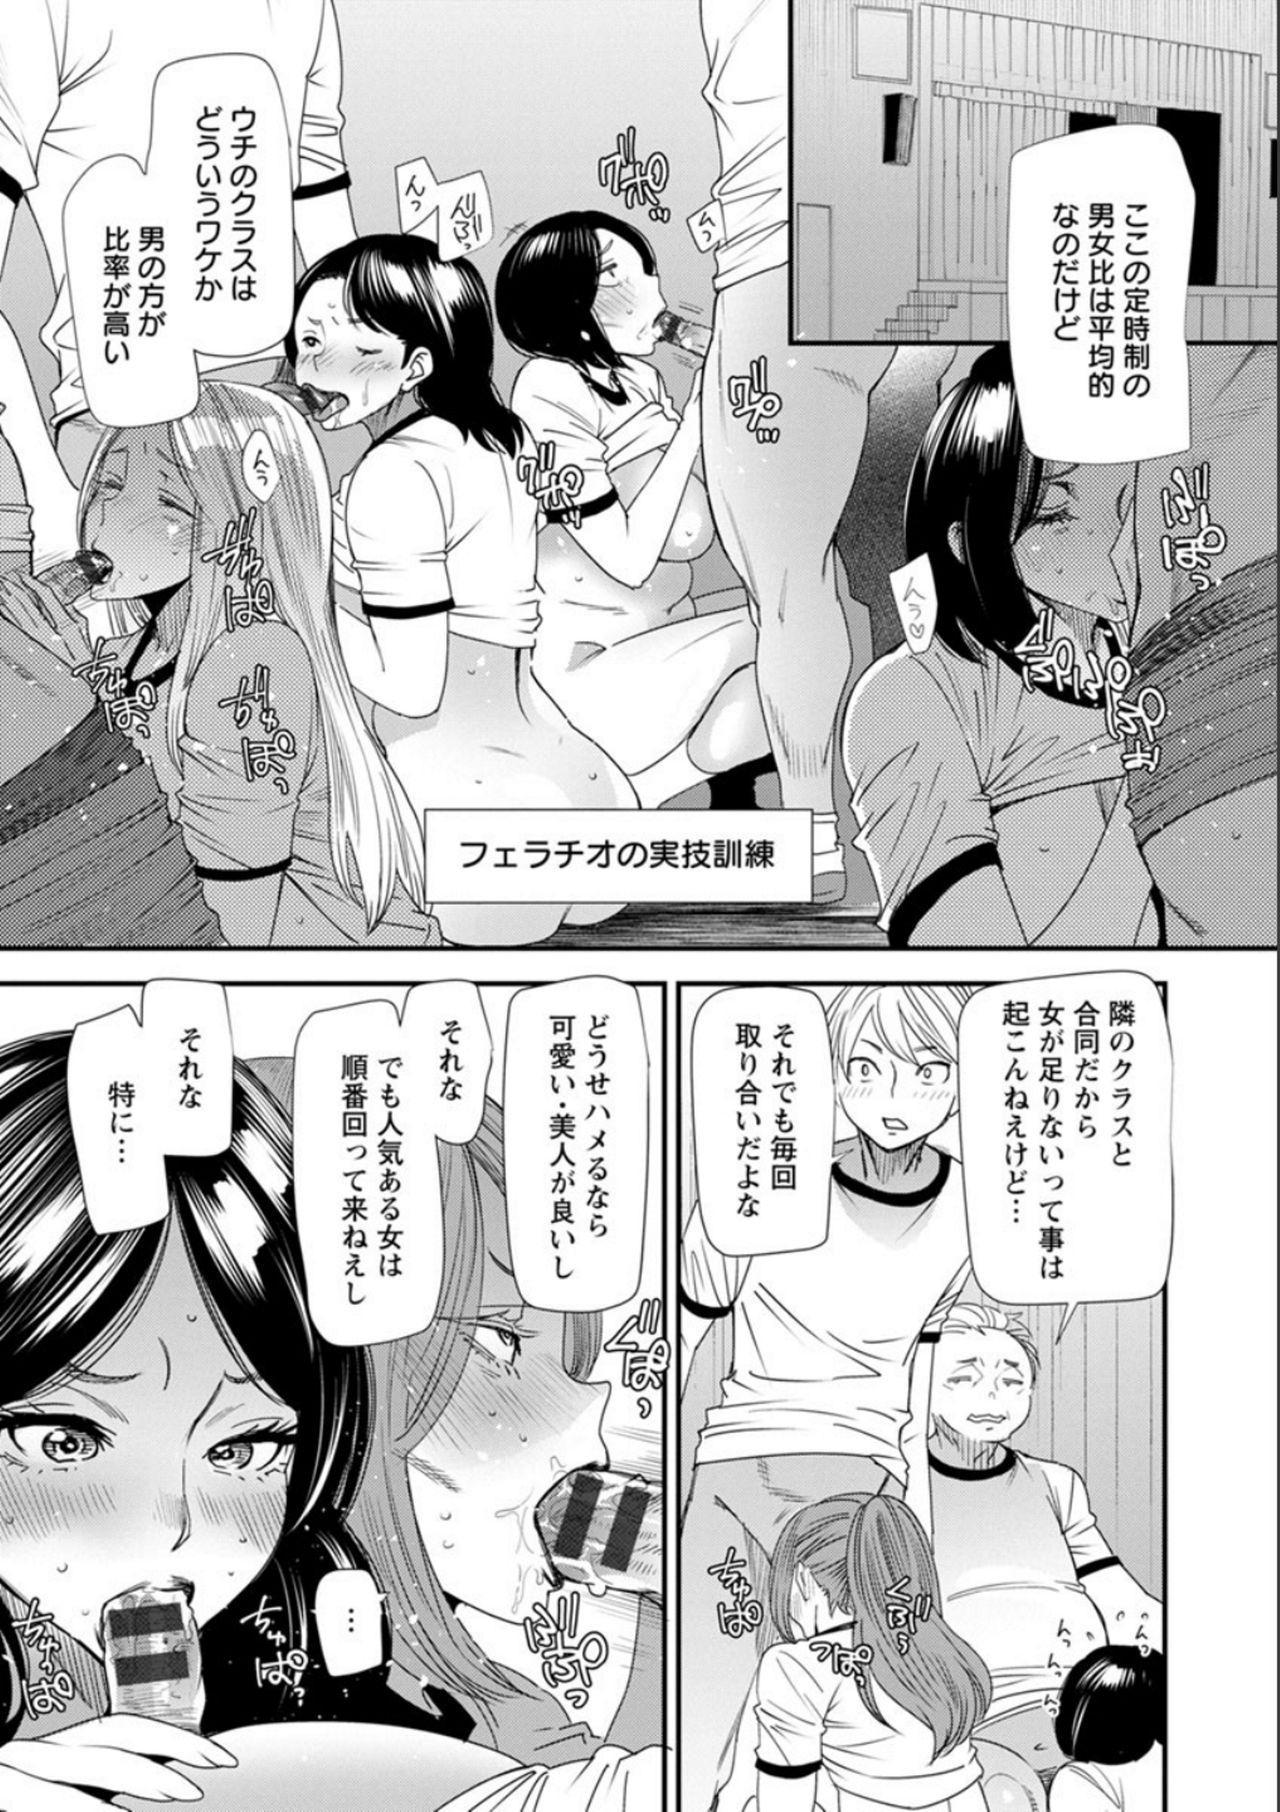 Nao's Secret 64